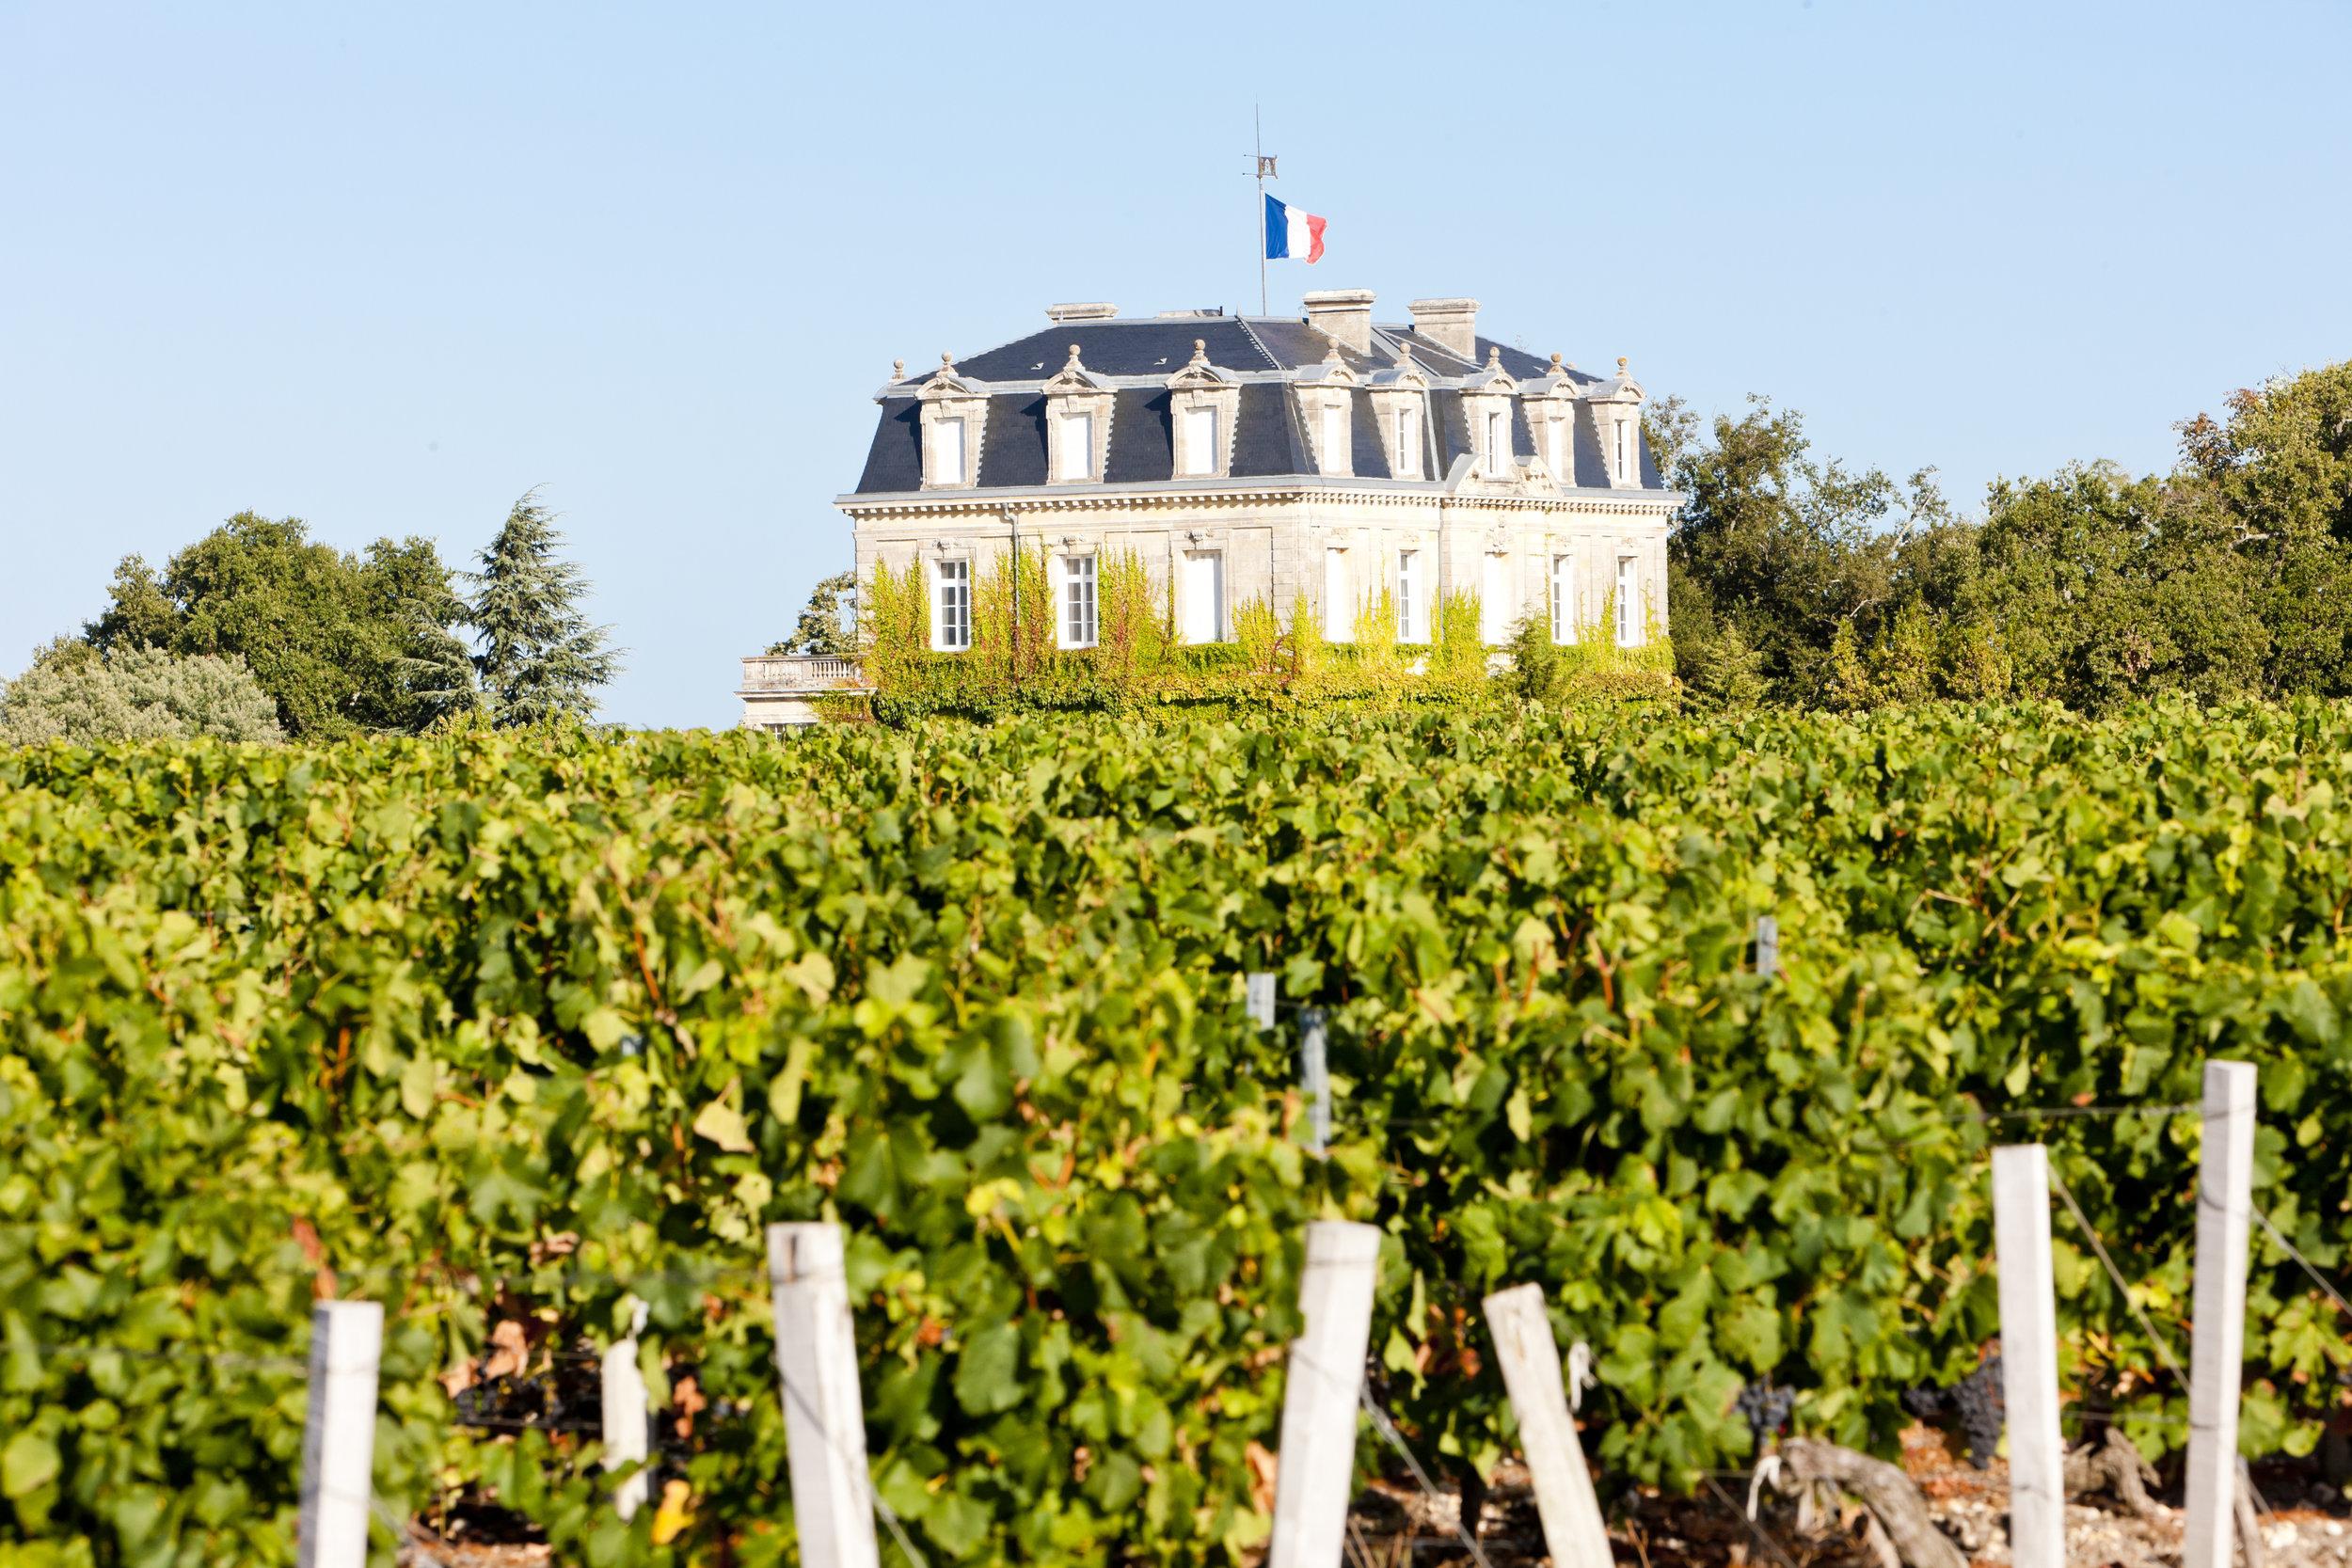 bordeaux_bigstock-Chateau-de-la-Tour-By-Bordea-32358860.jpg